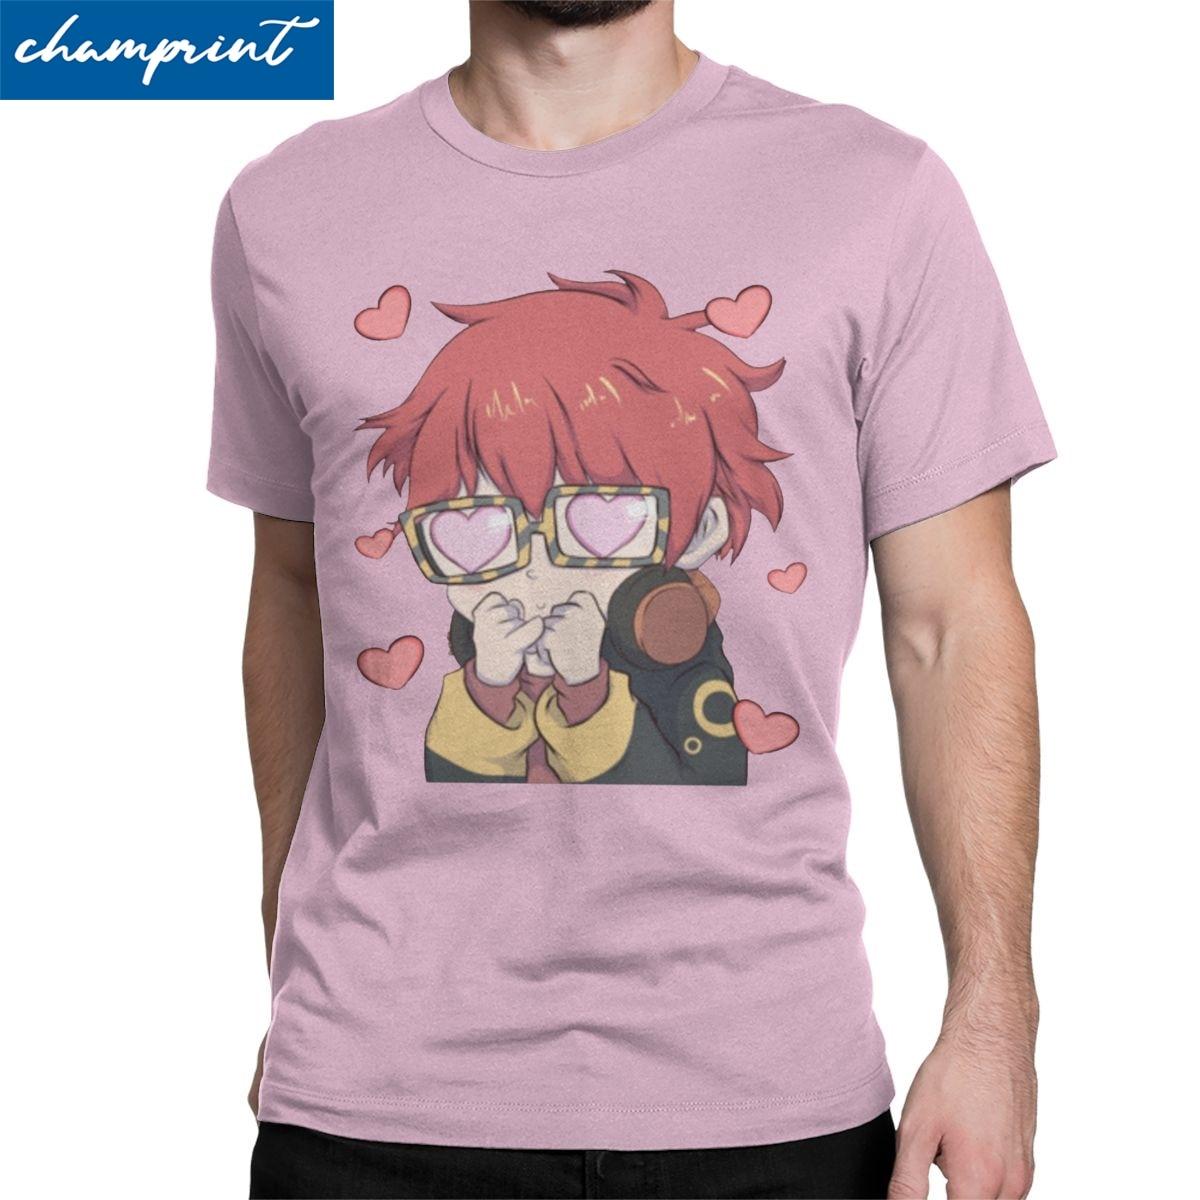 707 Meow T Shirt dla mężczyzn bawełniane modne t-shirty mistyczny posłaniec MM BG Otome gra koszulka odzież z krótkim rękawem Plus rozmiar